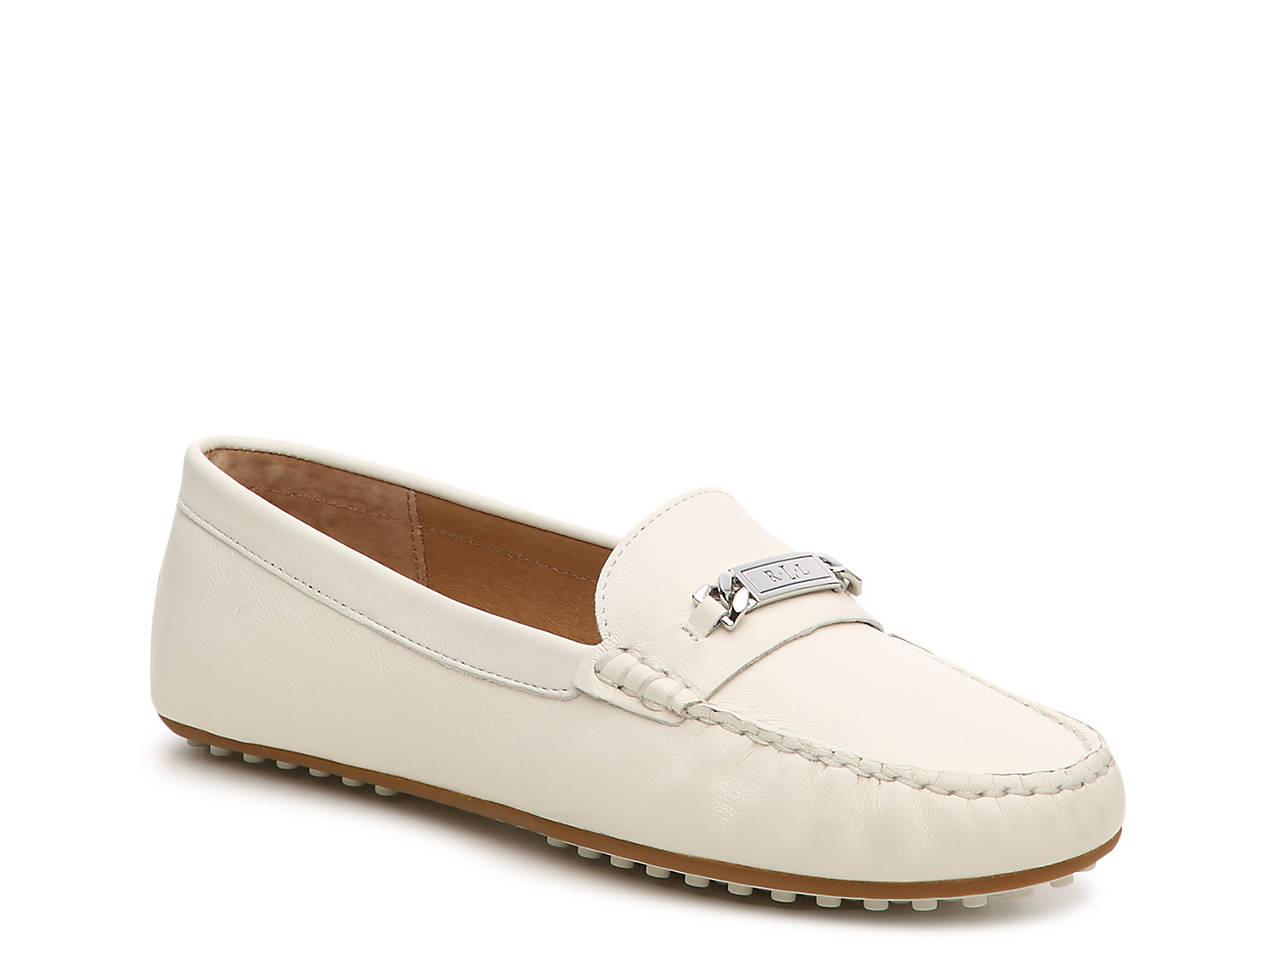 1f27b28c550 Lauren Ralph Lauren Berdine Loafer Women s Shoes